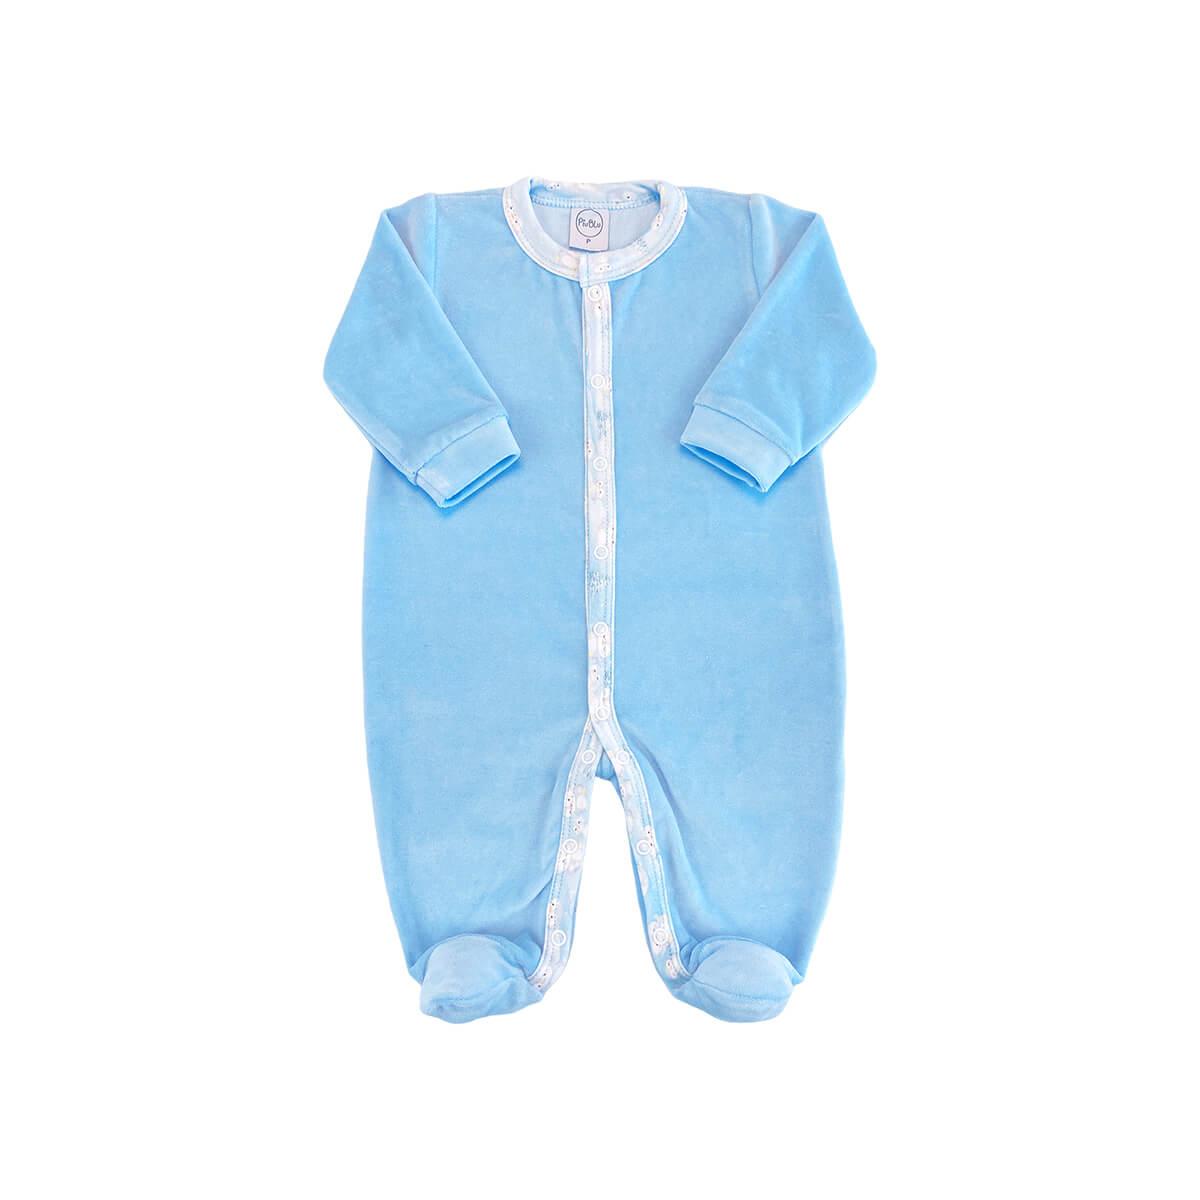 Macacão Plush Azul Claro - Todos os tamanhos com pezinho